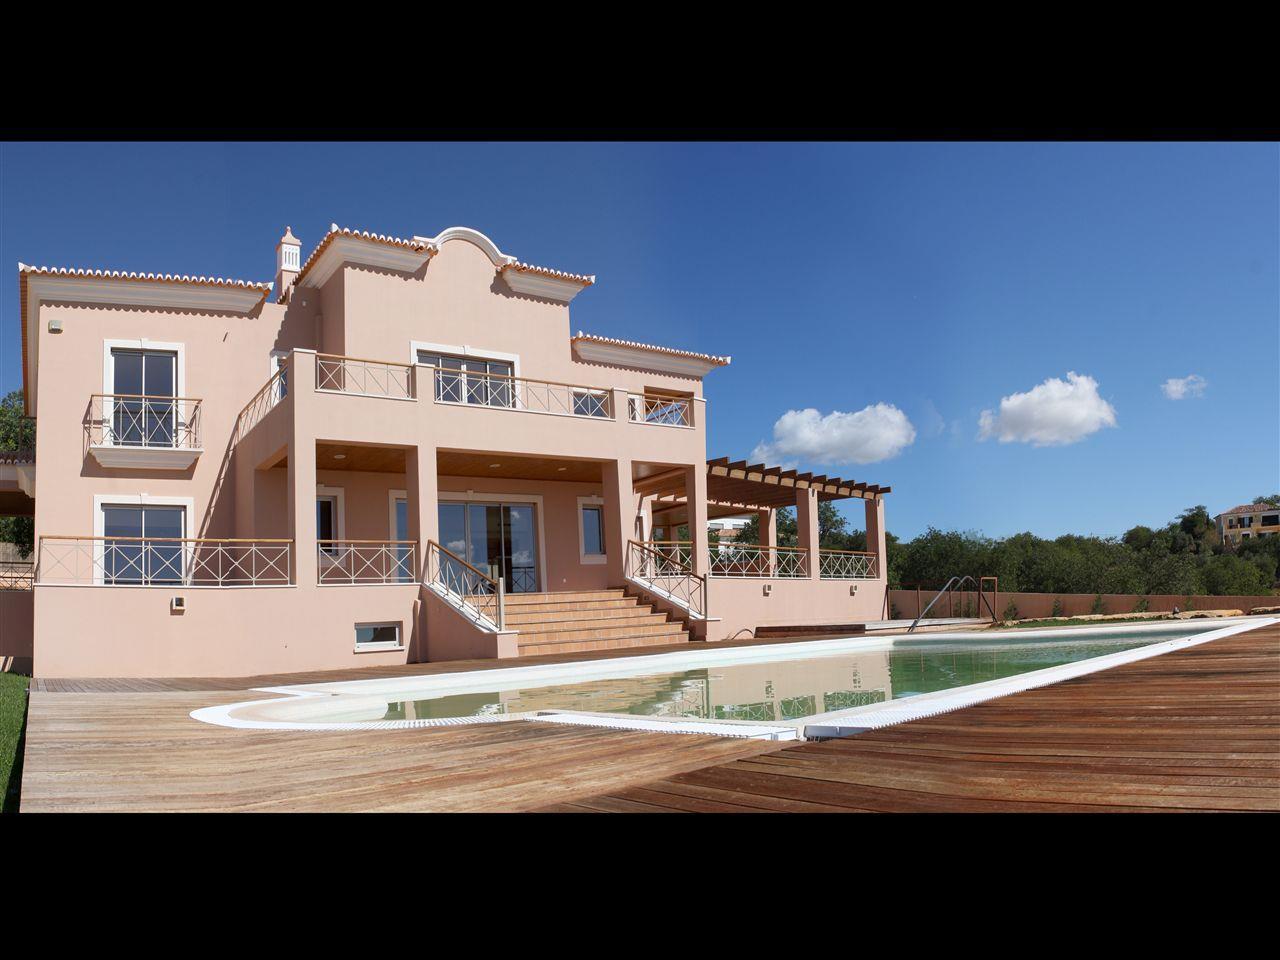 단독 가정 주택 용 매매 에 House, 5 bedrooms, for Sale Loule, Algarve 포르투갈